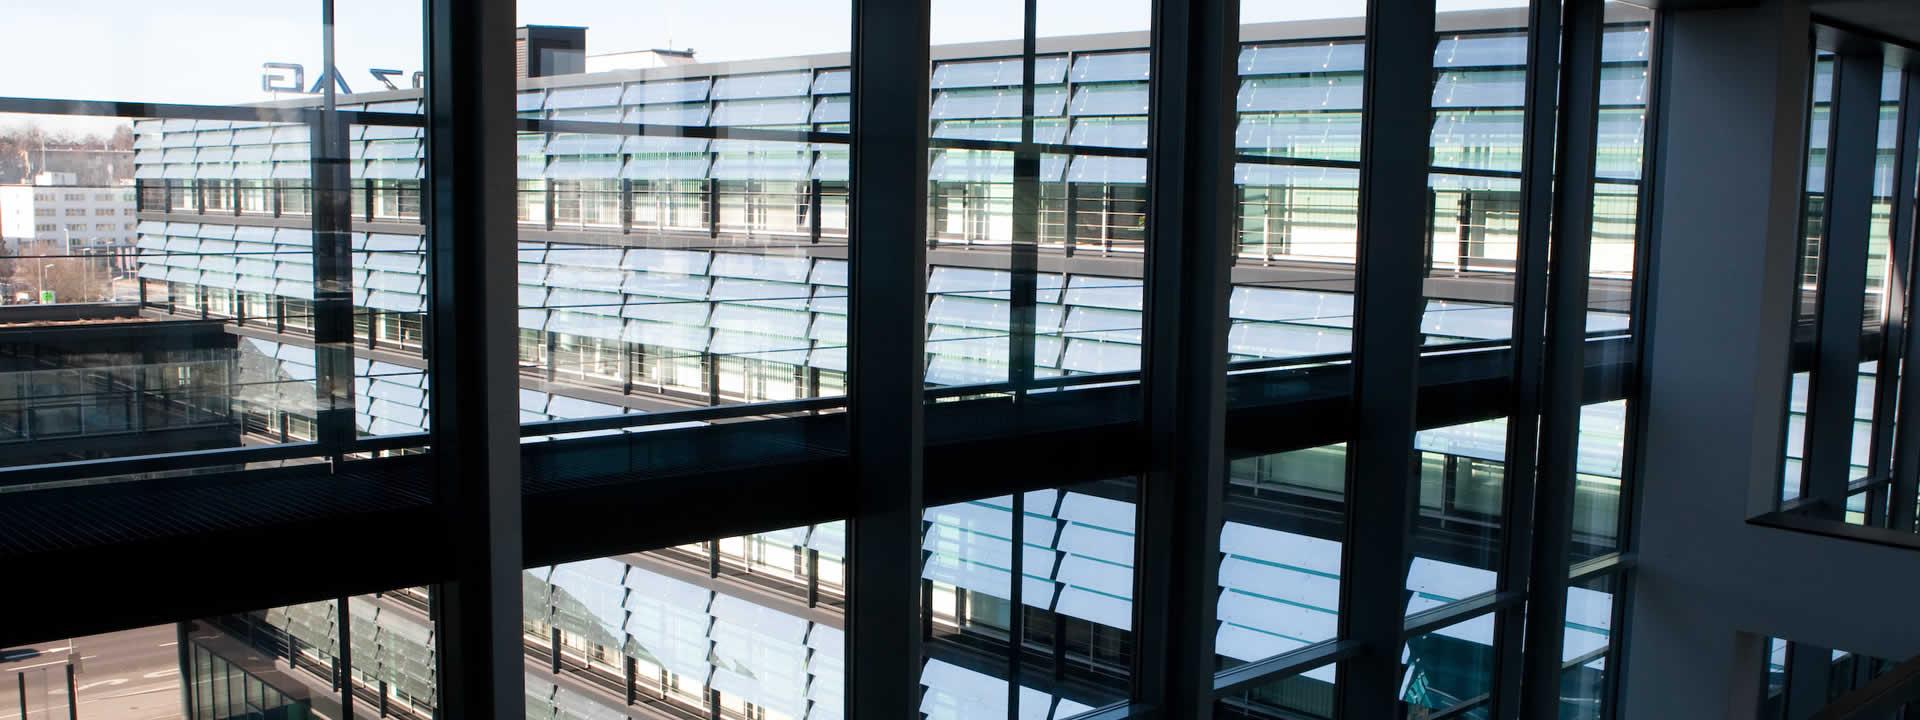 Firmengebäude der LINZ AG TELEKOM von innen